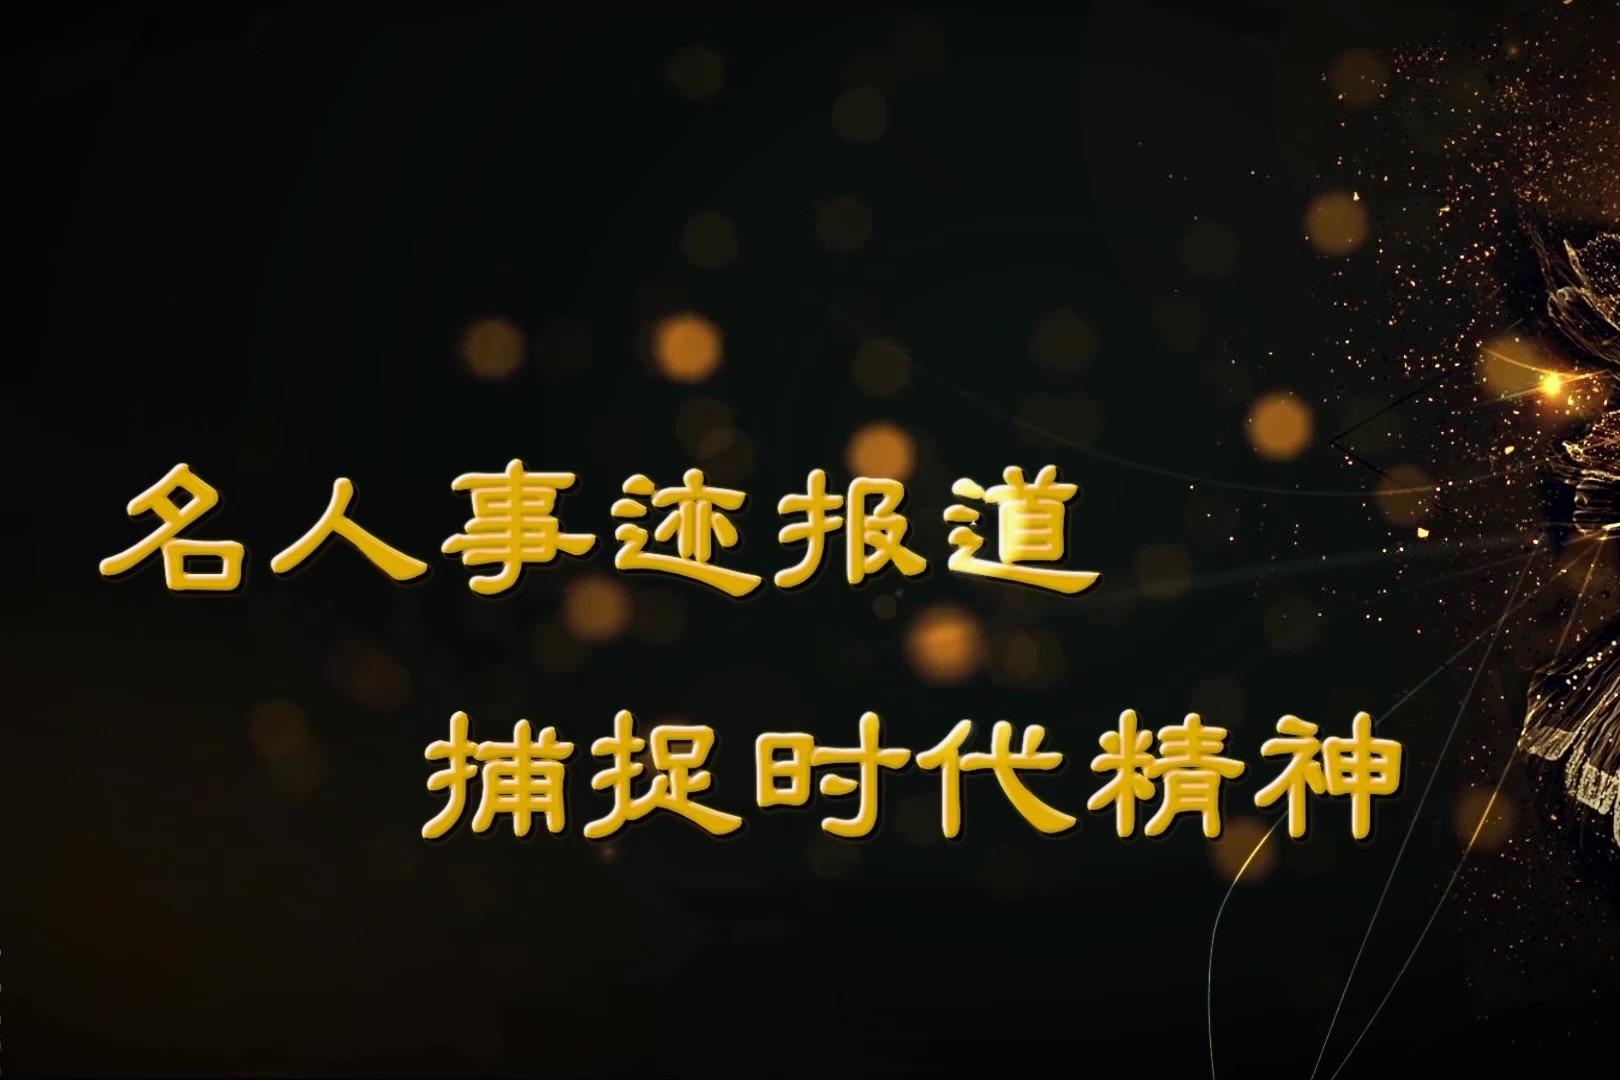 名人访谈 —— 海外杰出华人王家明